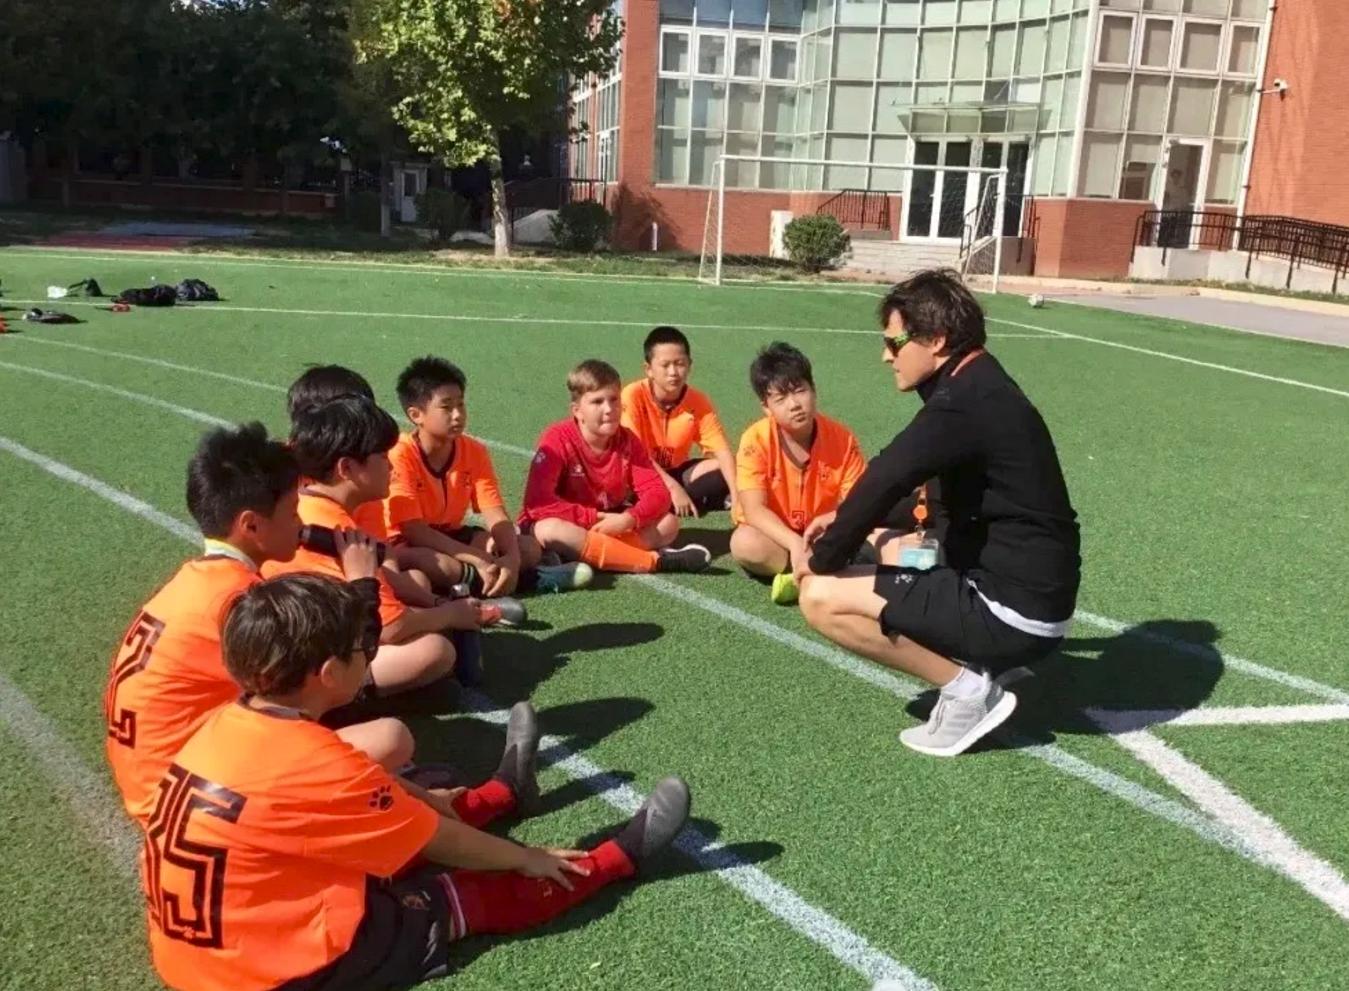 惠灵顿天津国际学校分享:孩子的成长需要体育精神